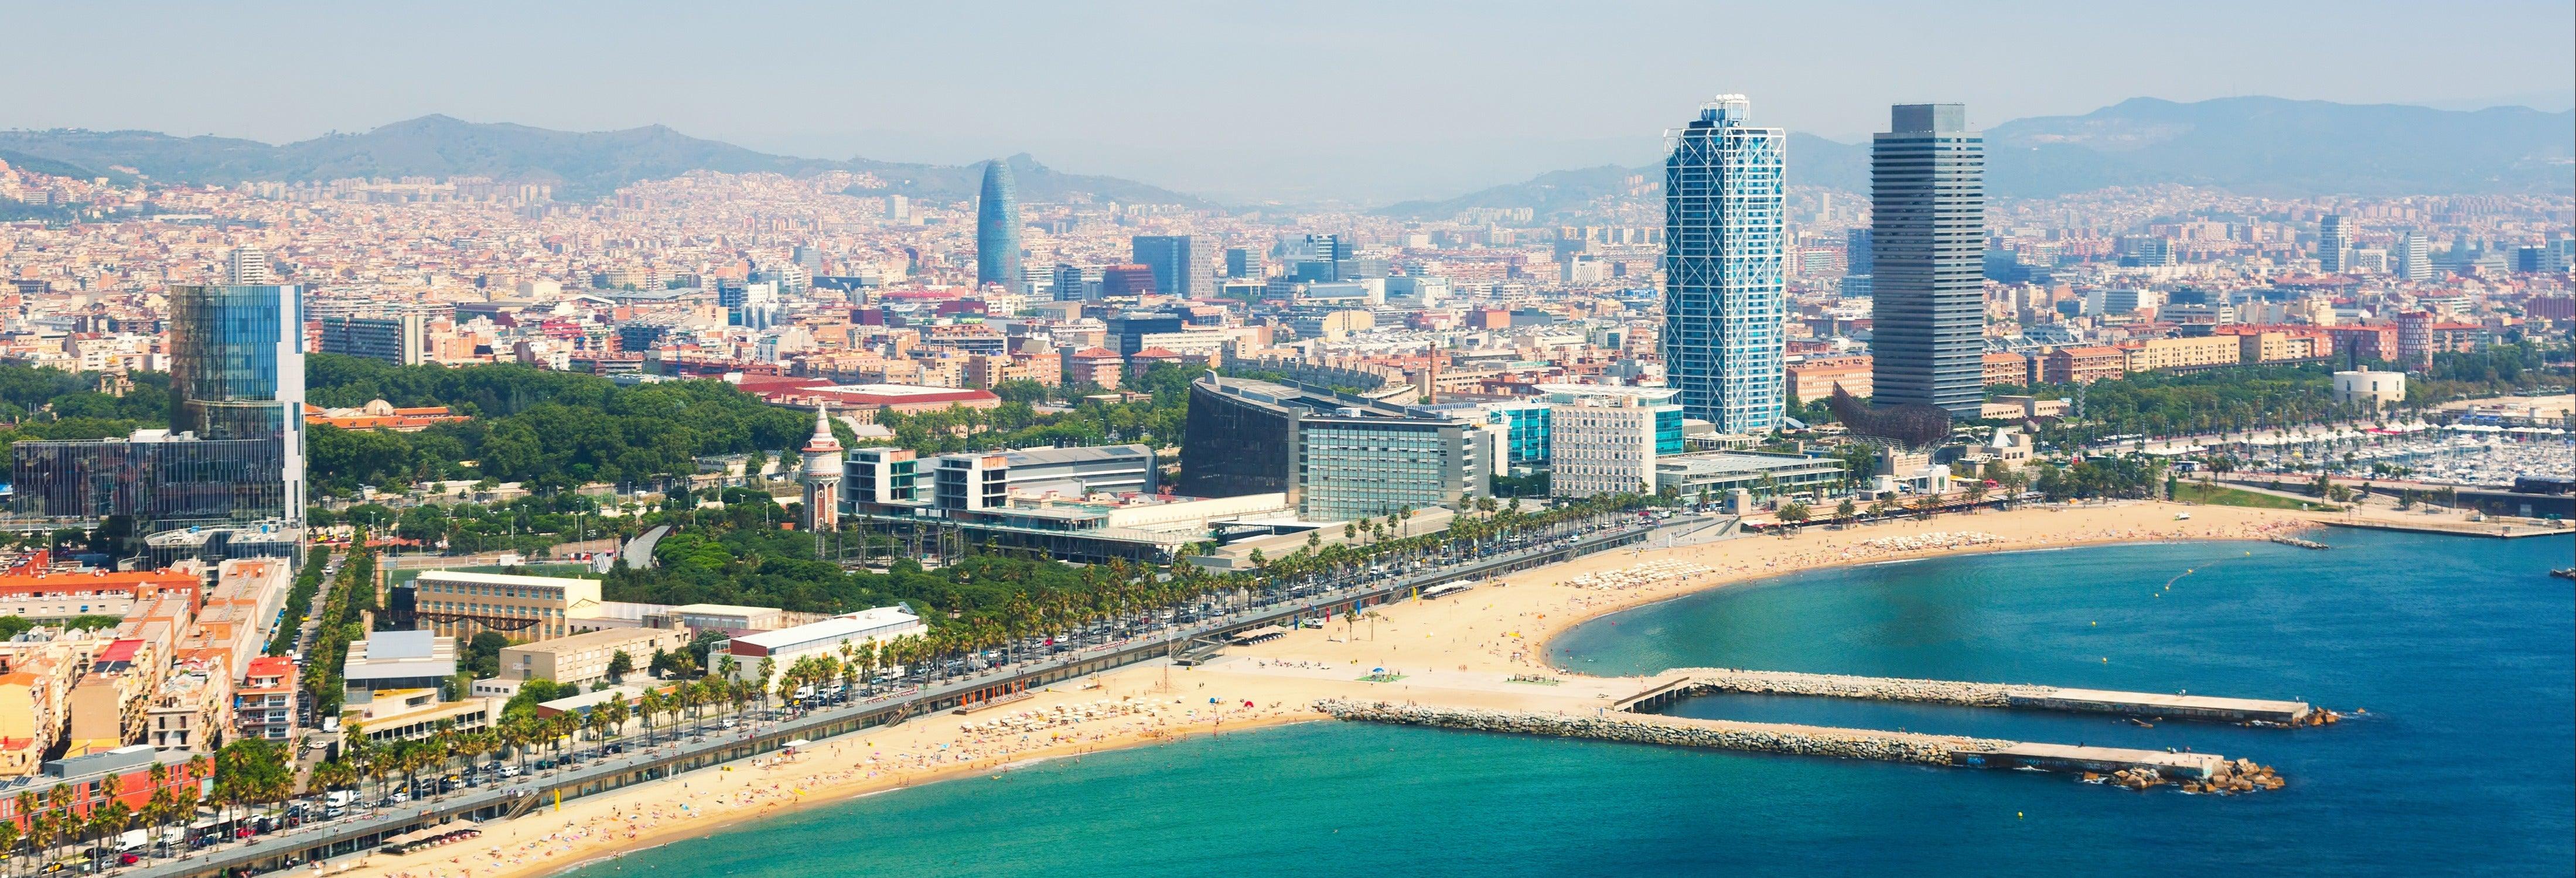 Barcelona por terra, mar e ar